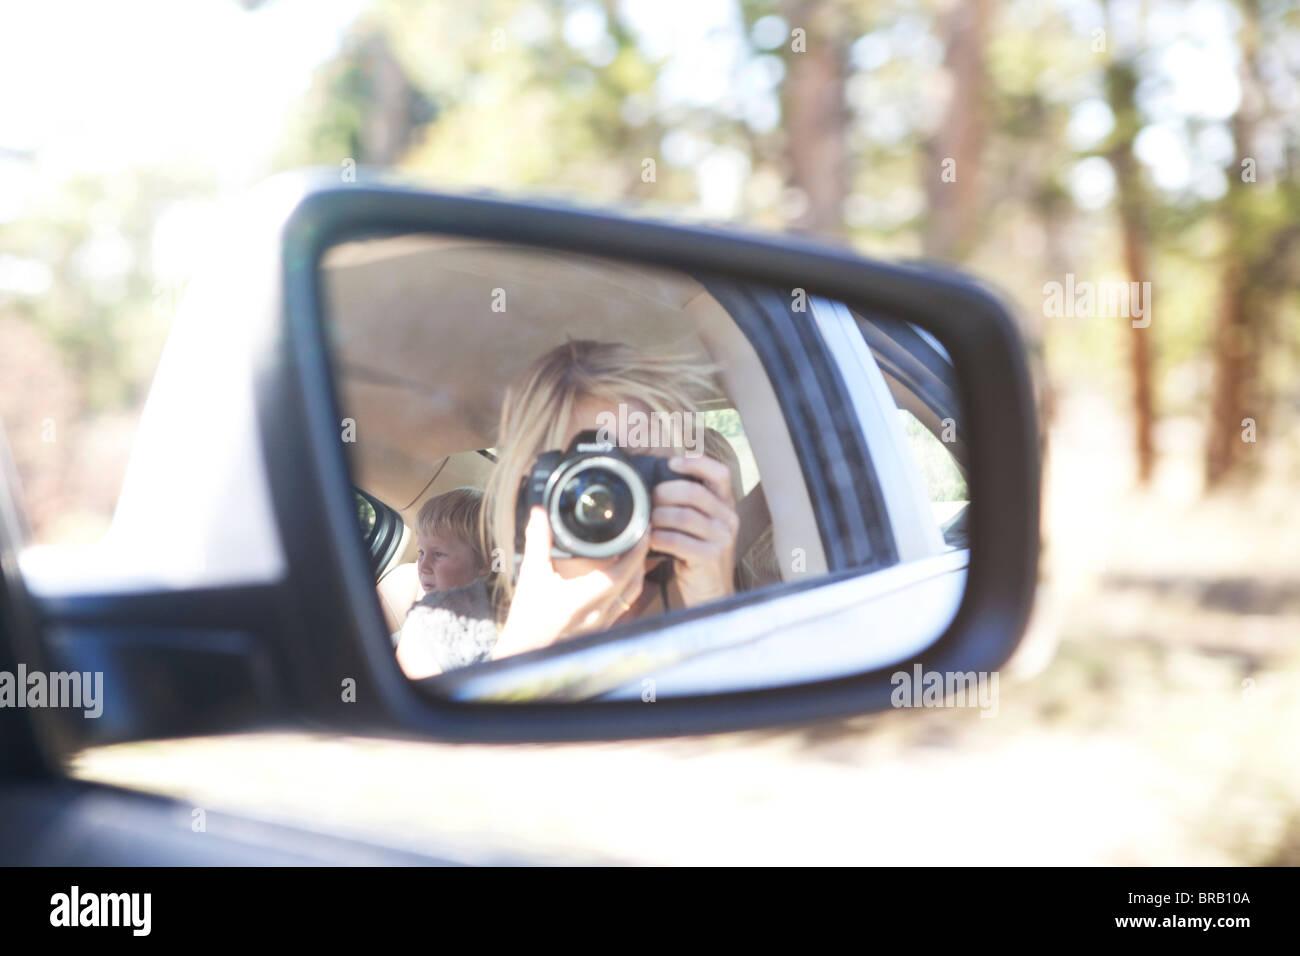 Femme de prendre des photos dans le rétroviseur de voiture Photo Stock